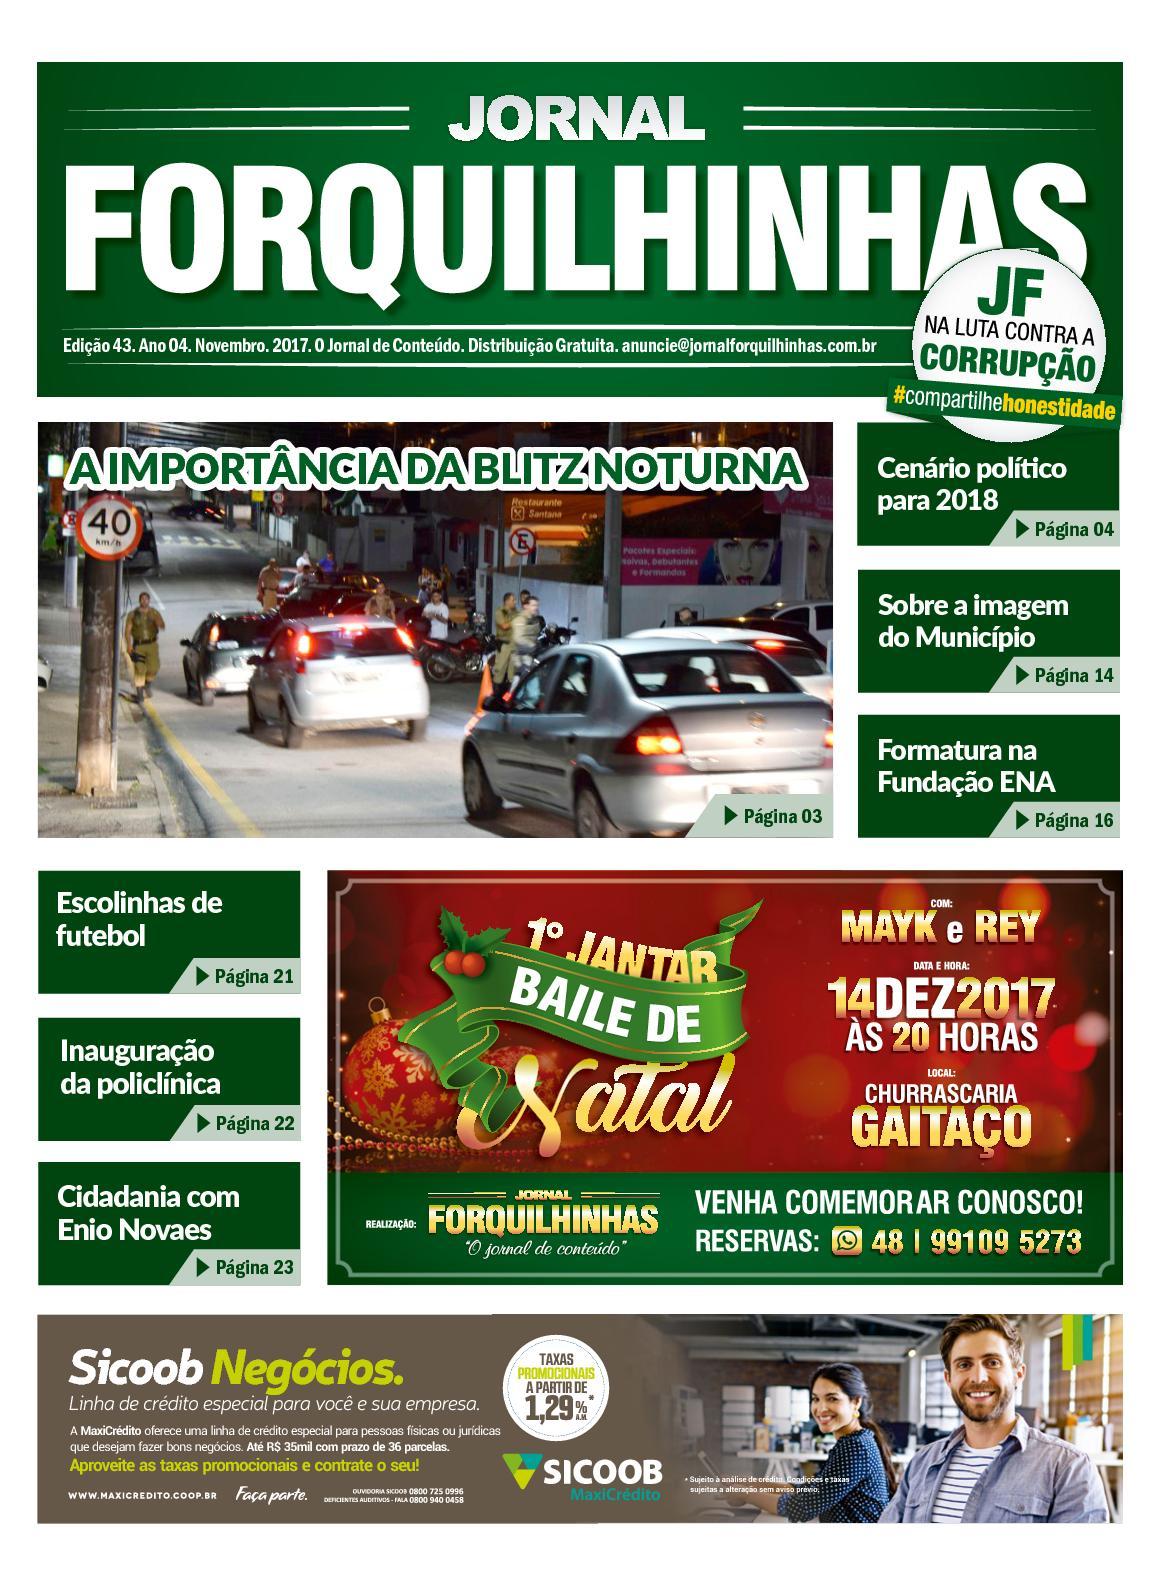 Jornal Forquilhinhas - Edição Digital #43